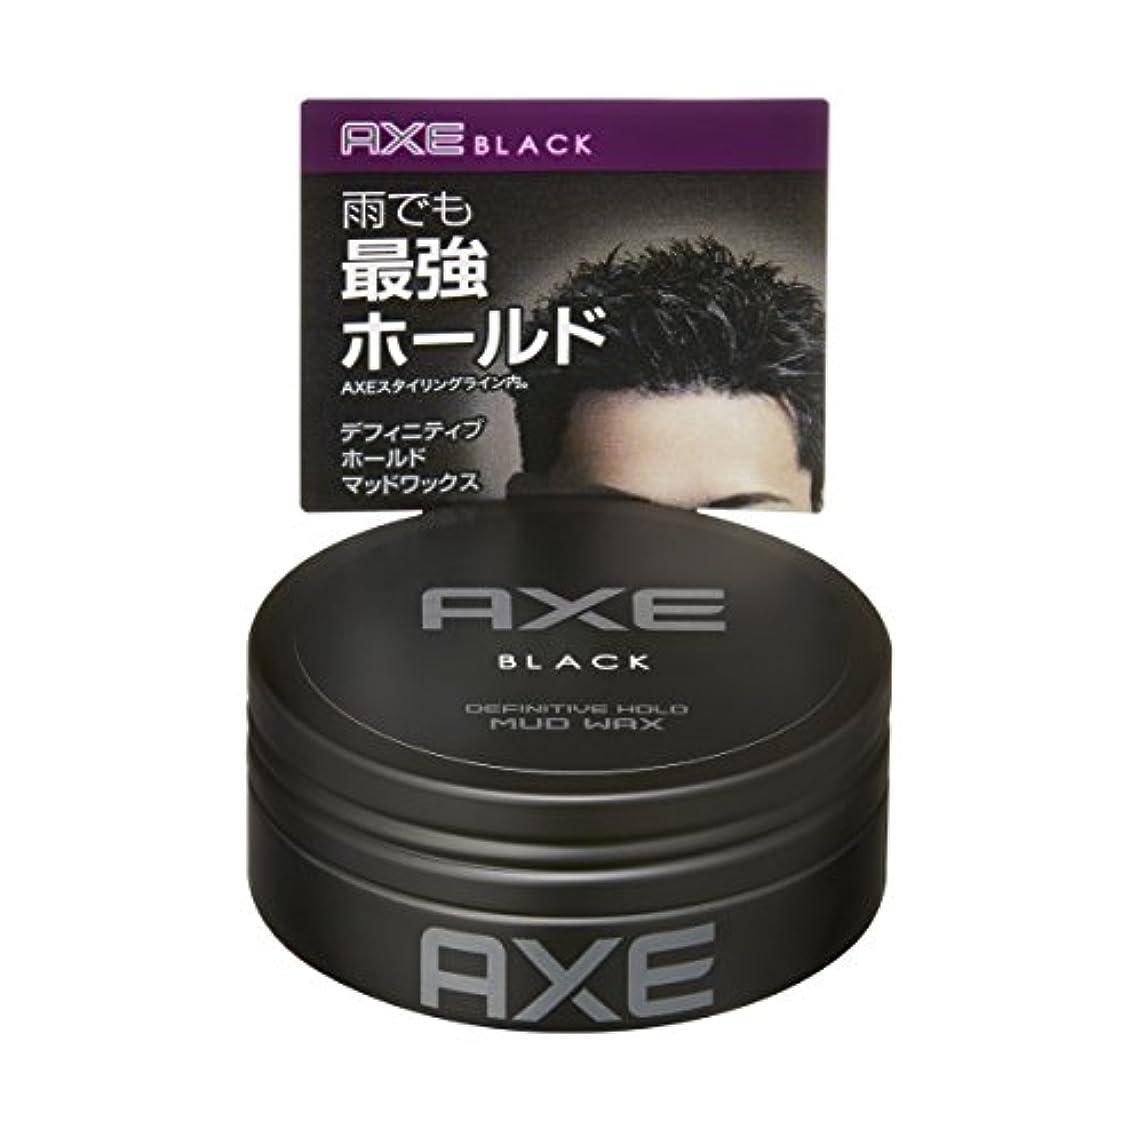 厳使用法リスキーなアックス ブラック メンズスタイリング マッドワックス (ハードな立ち上げ) 65g